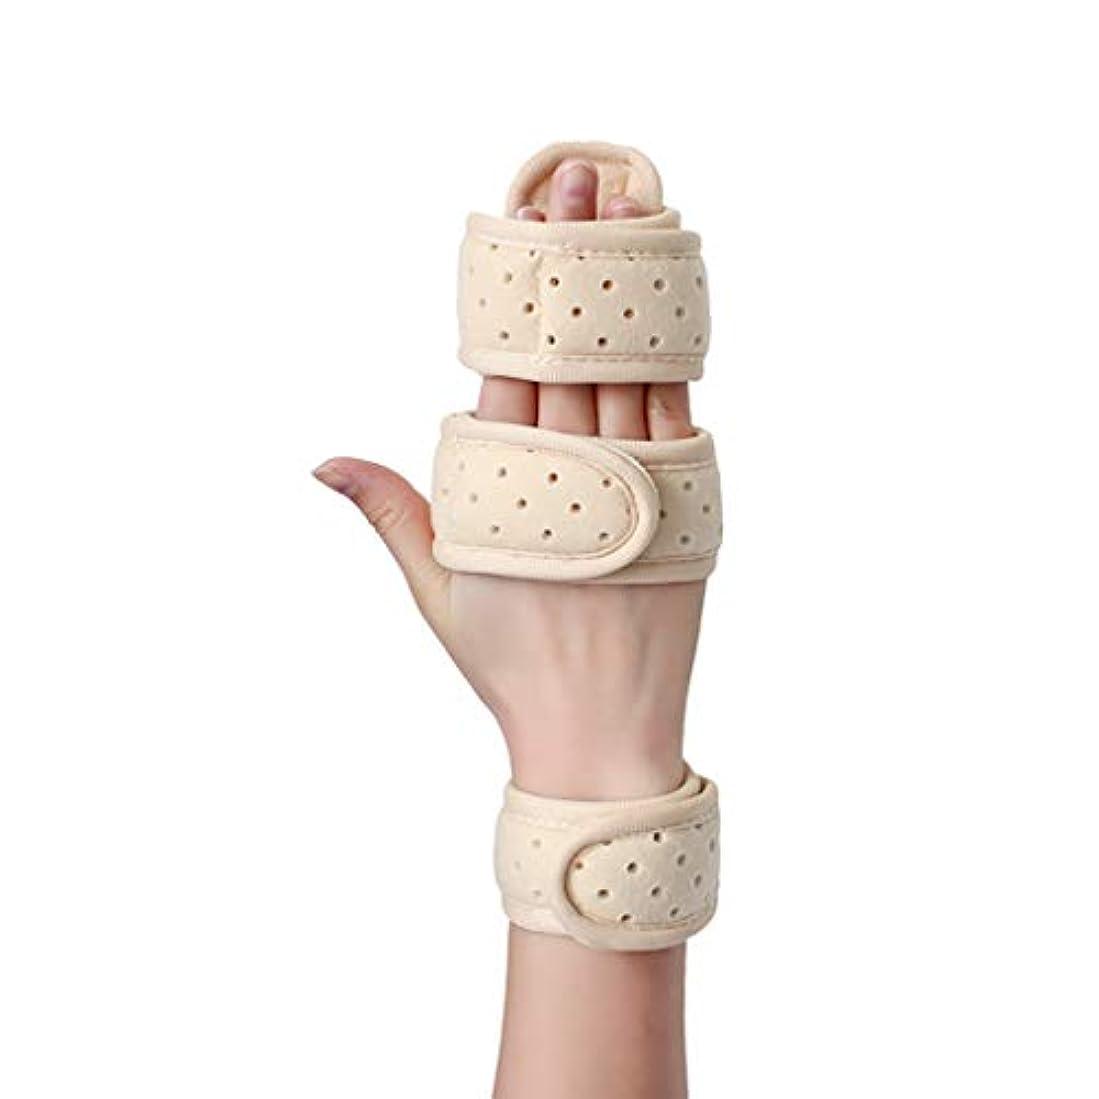 アシュリータファーマン操縦する常習的手首ストラップ手首指指の関節ナックル固定指骨折創傷術後のケアと副木の痛みの軽減